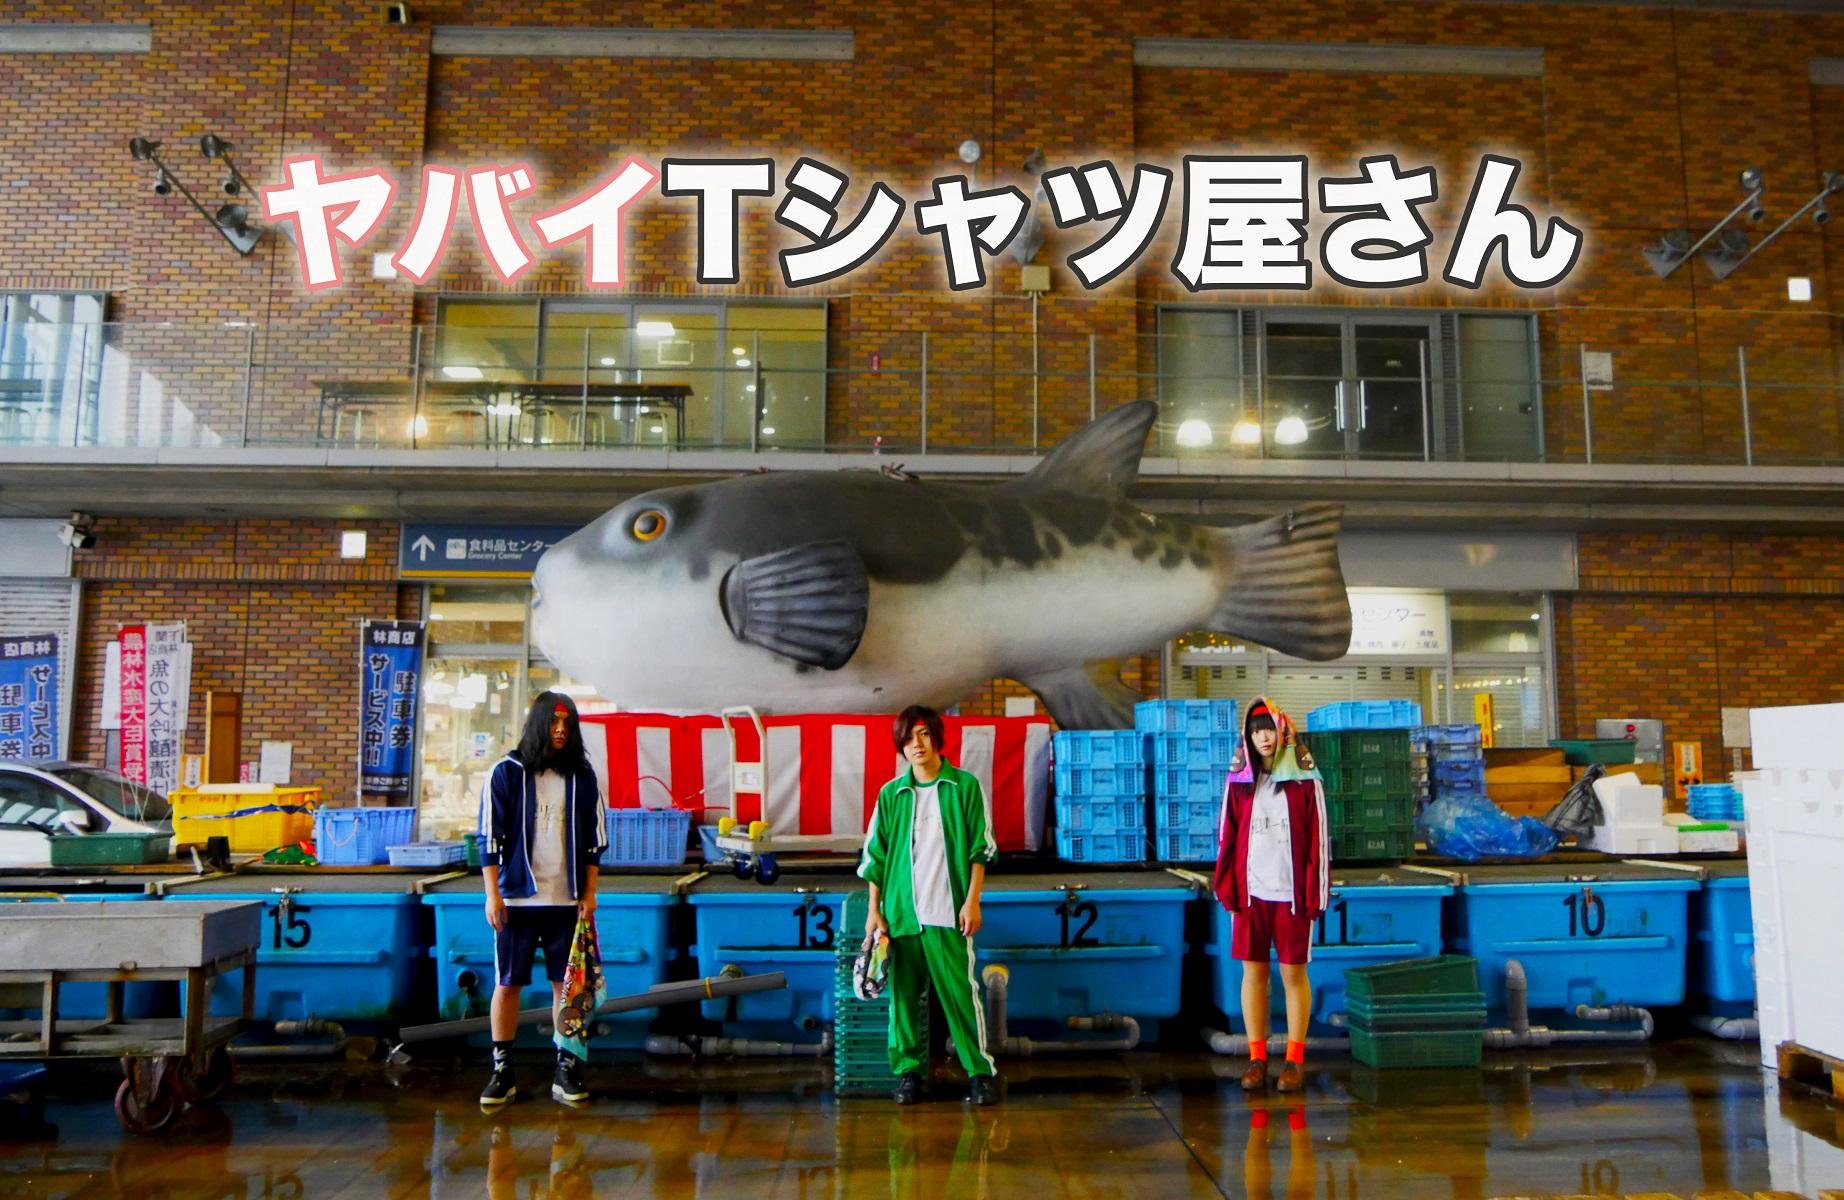 【ヤバイTシャツ屋さん】[アーティスト写真]6th single「げんきいっぱい」-サイズ中